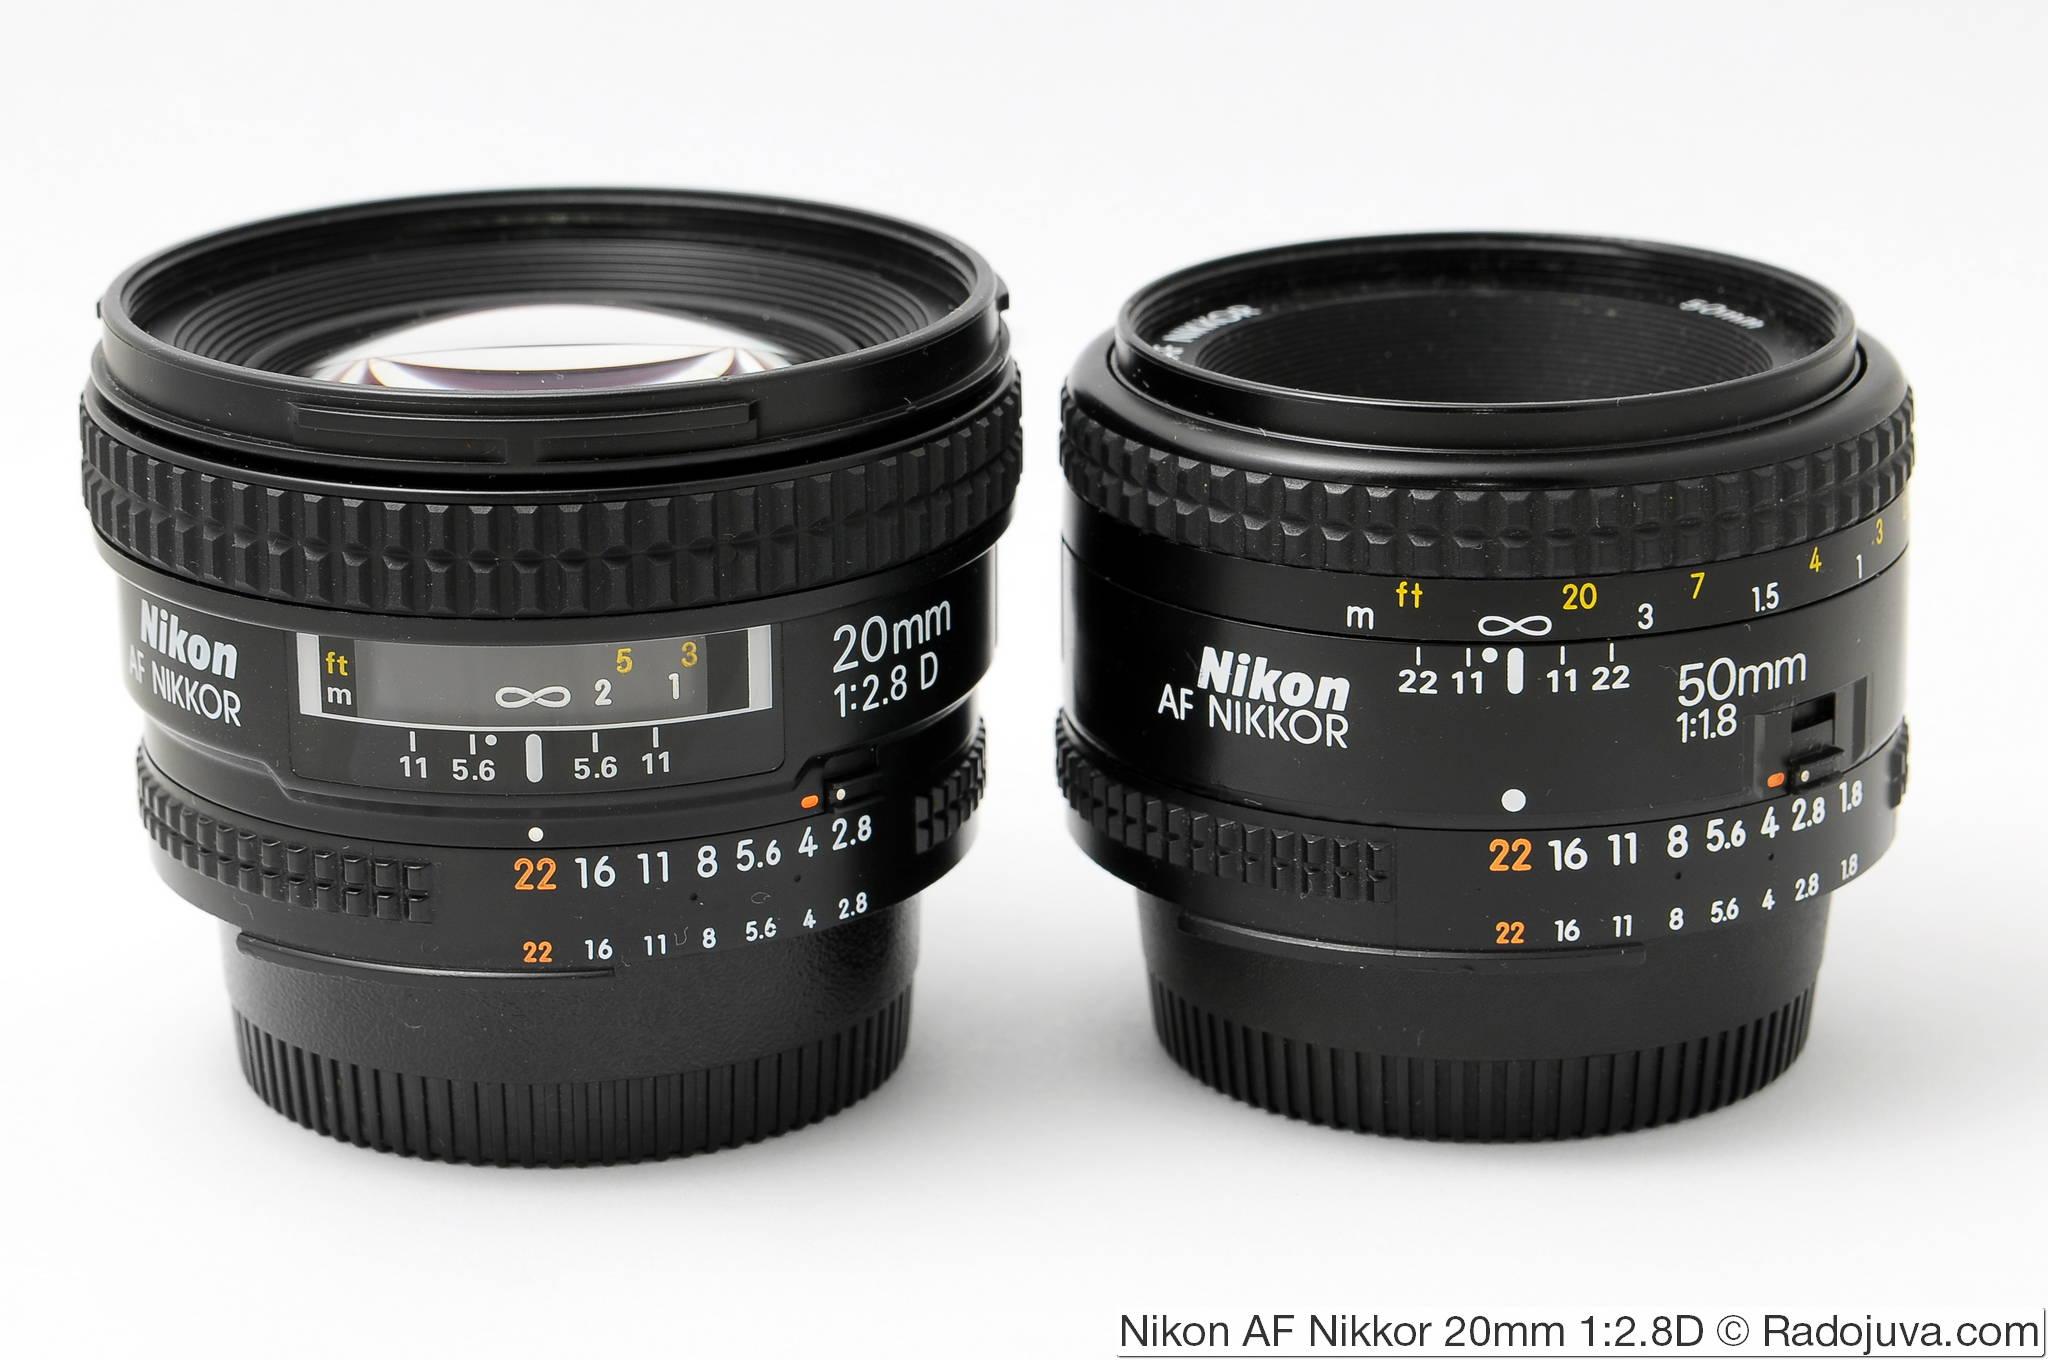 Dimensions Nikon 20 / 2.8D and Nikon AF Nikkor 50mm 1: 1.8